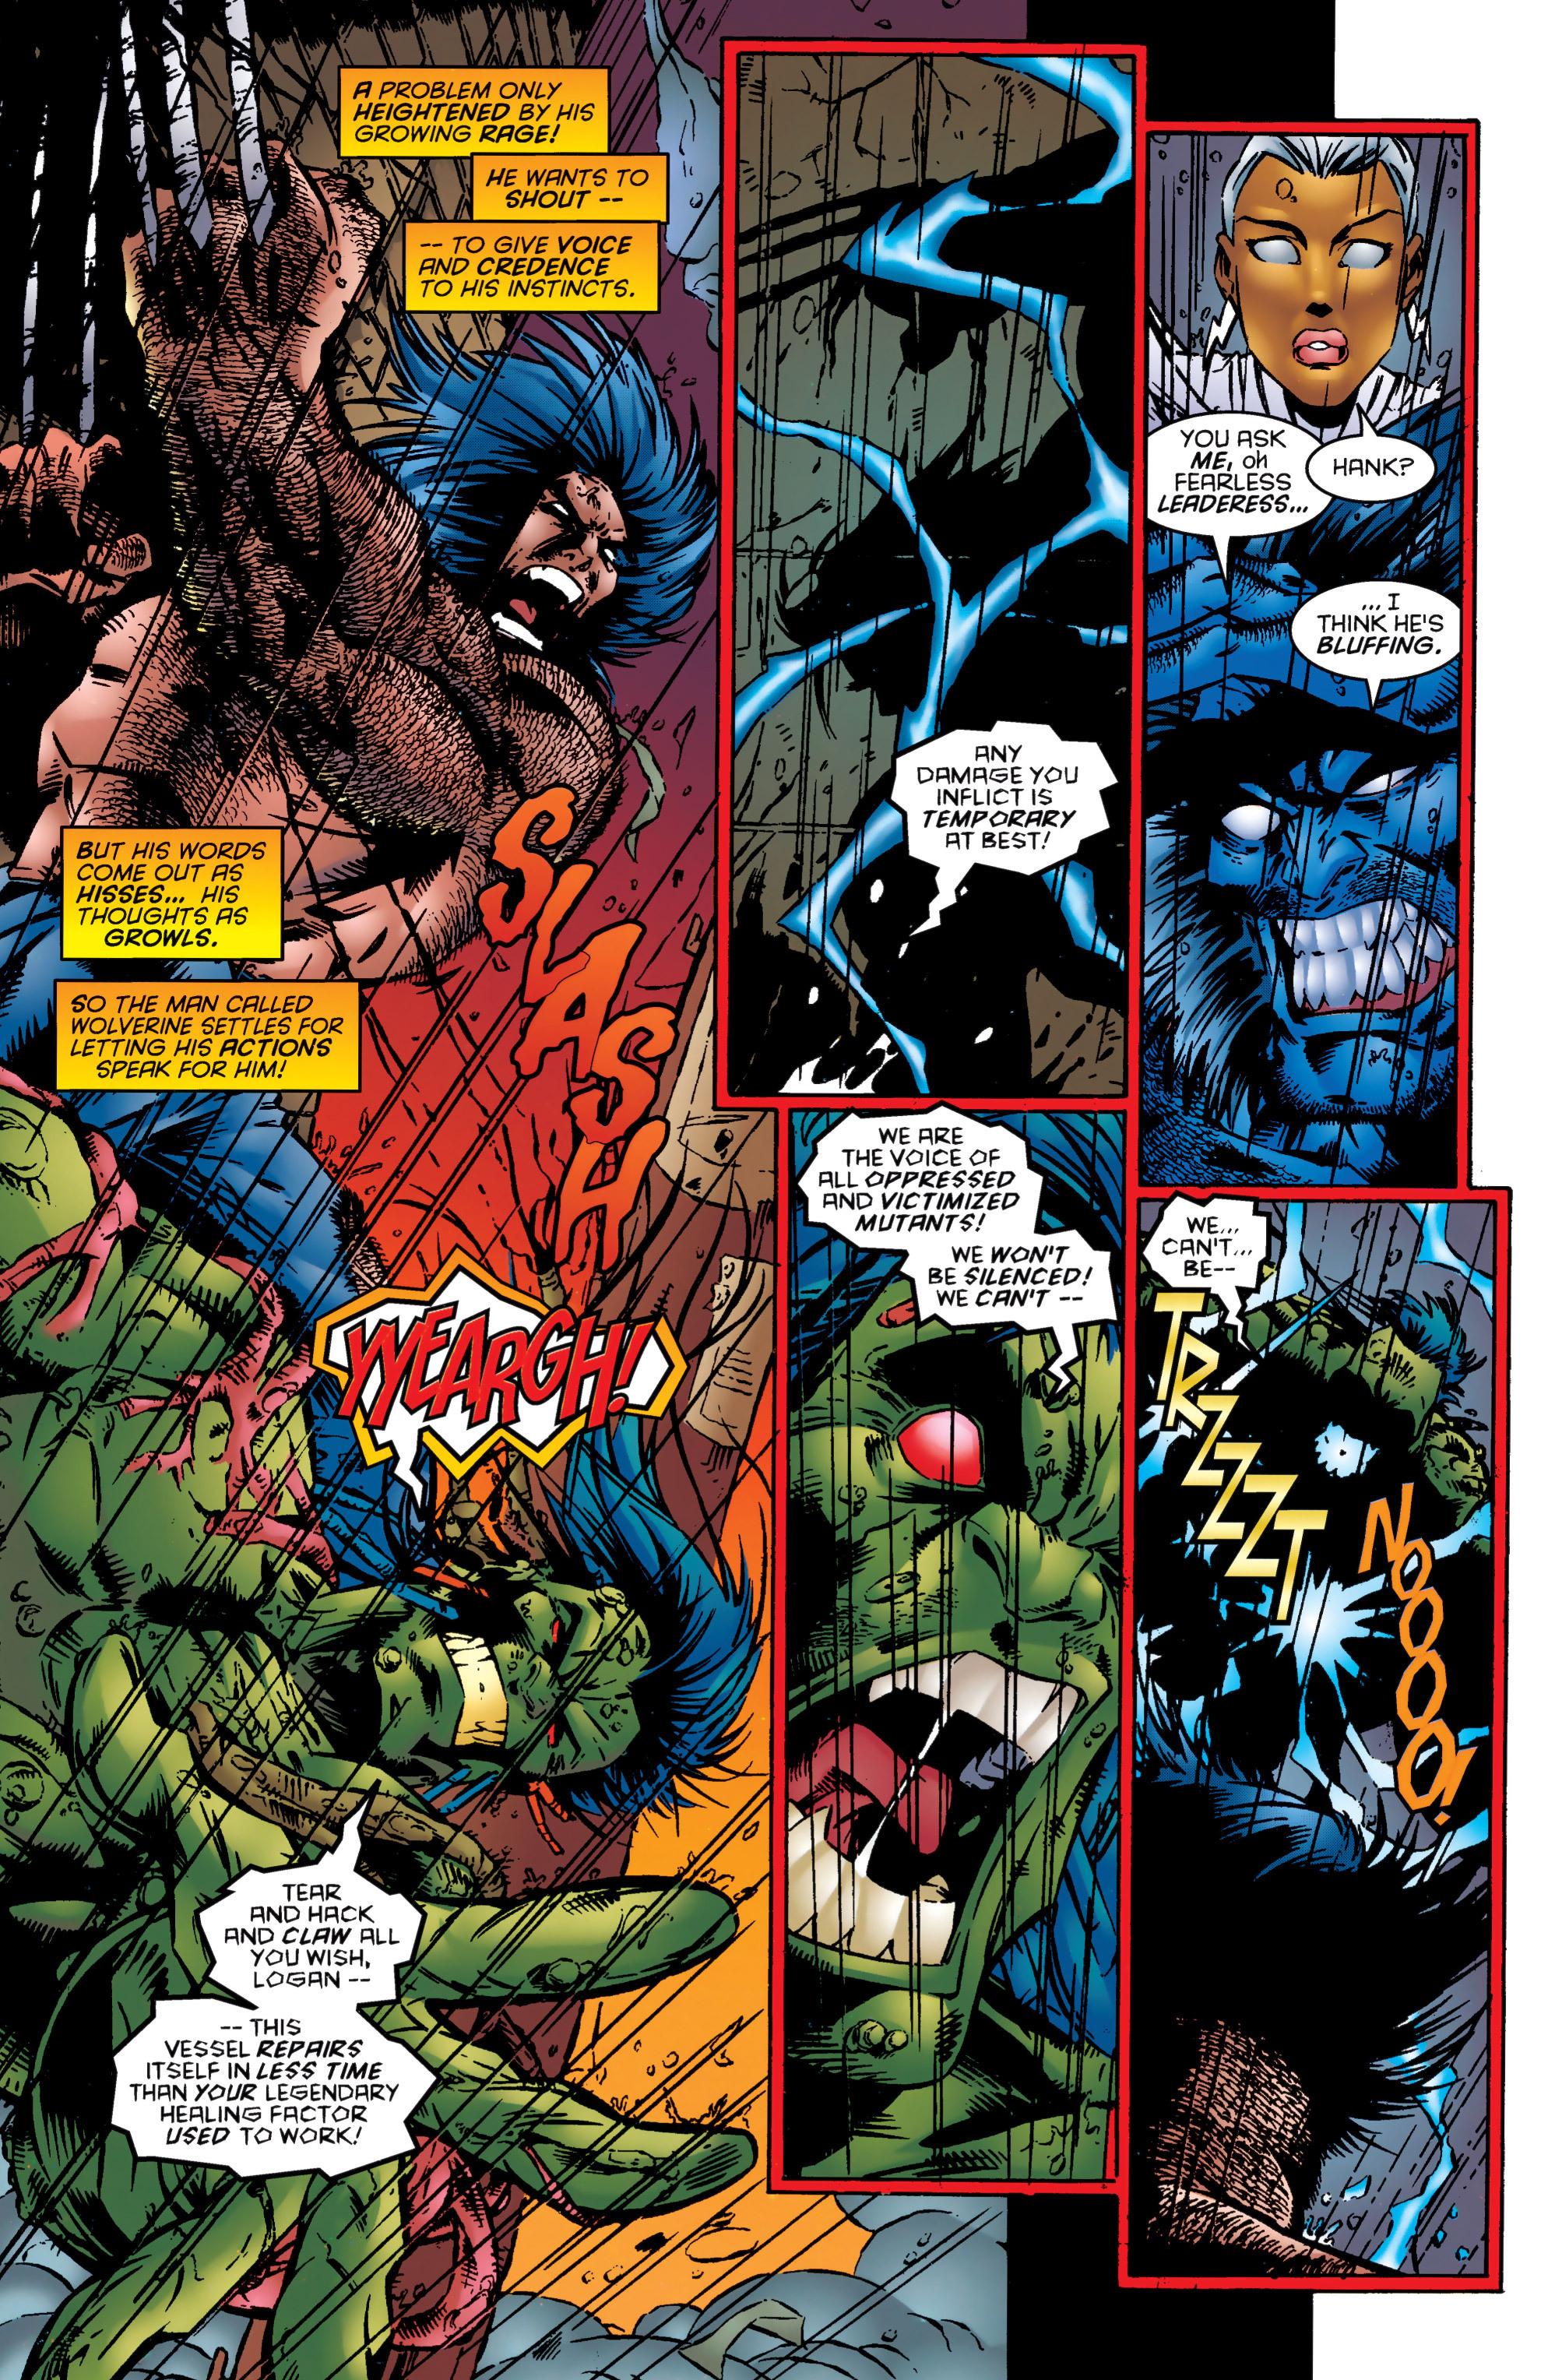 Read online Uncanny X-Men (1963) comic -  Issue #324 - 16